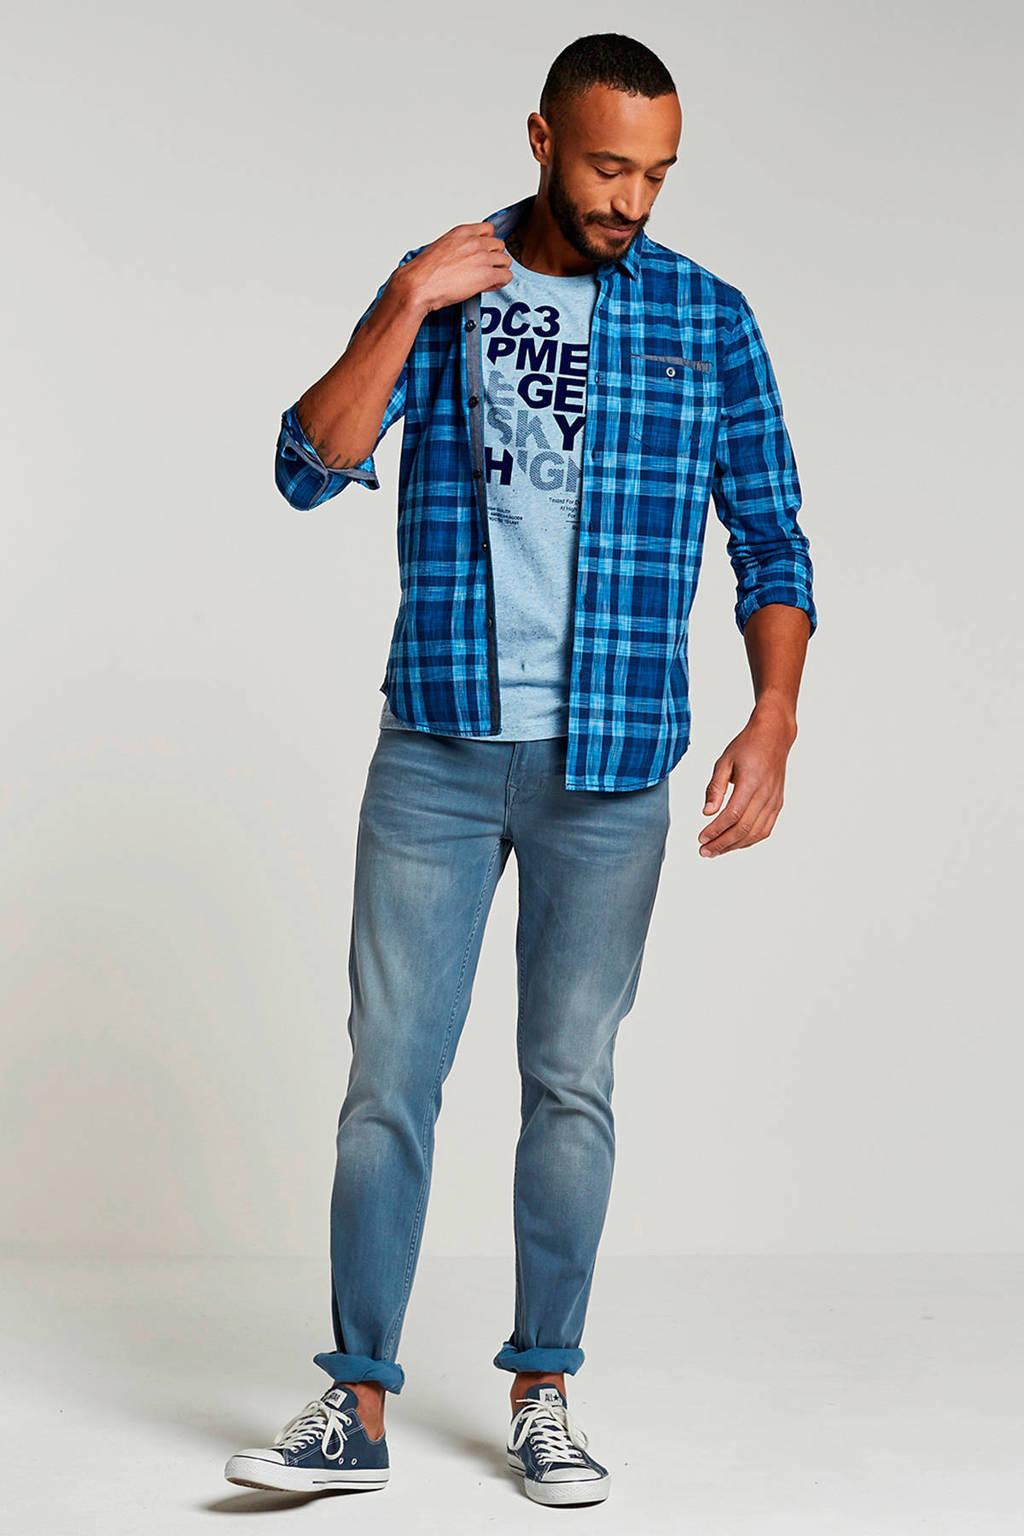 PME Legend slim fit jeans Nightflight, LGS